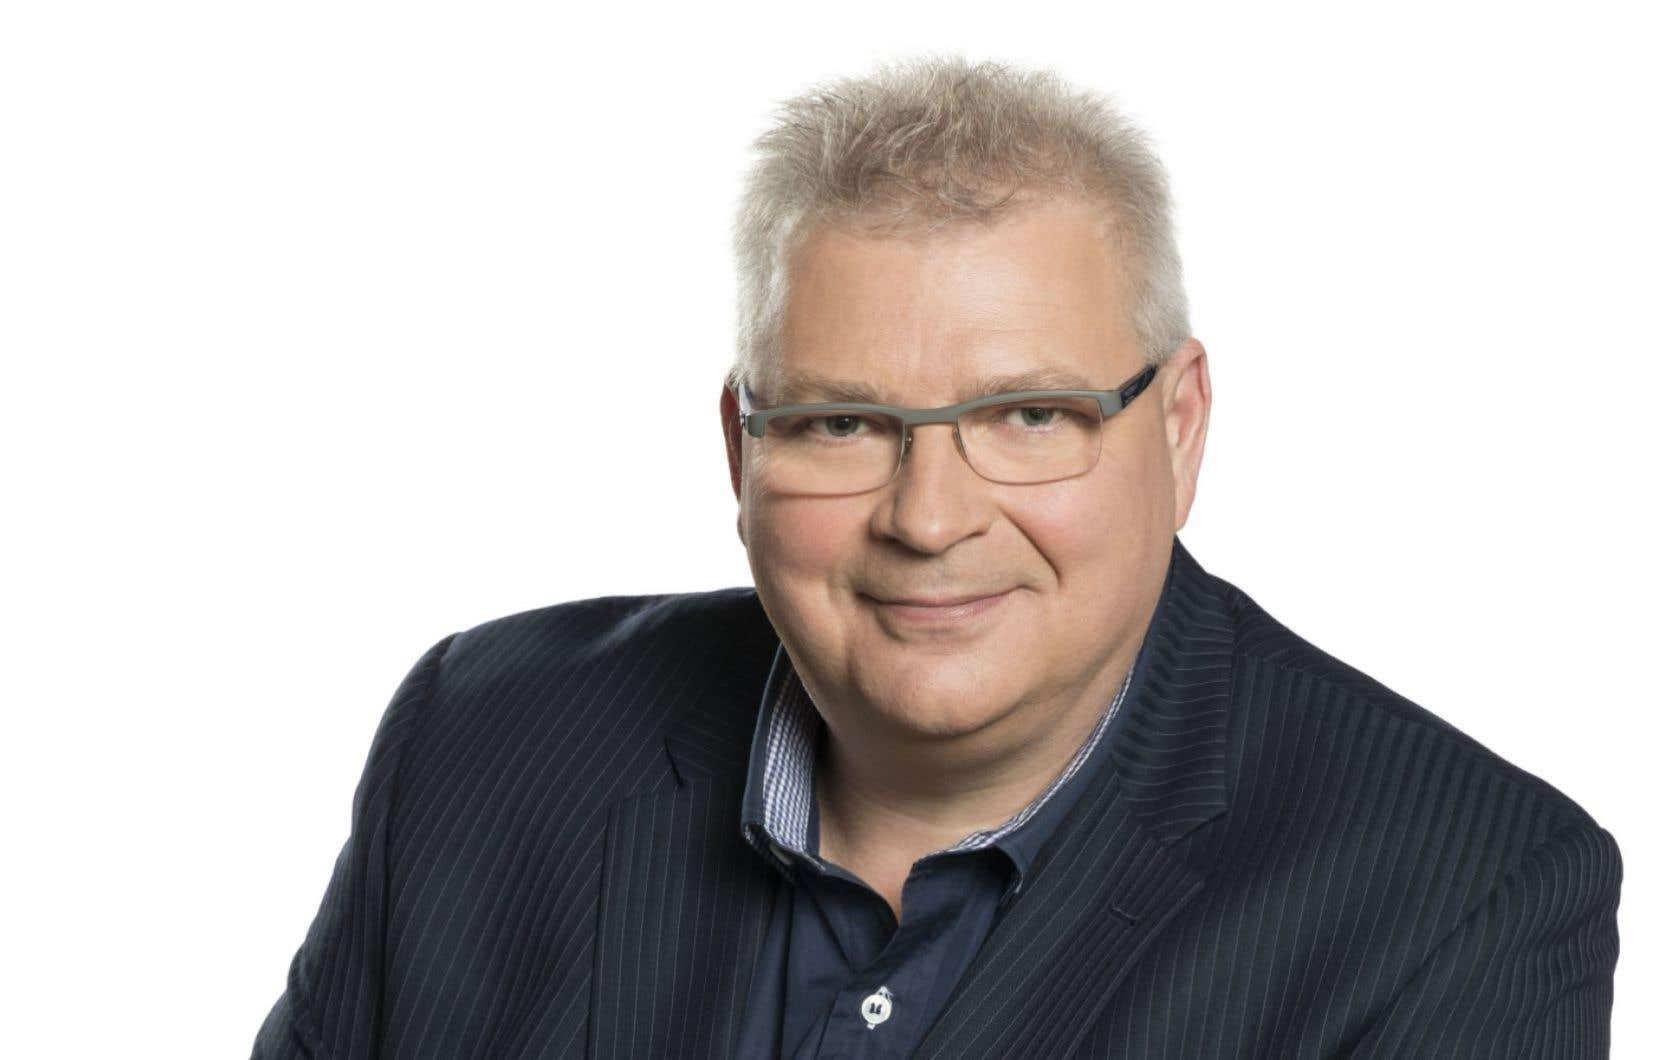 Louis Lemieux a longtemps travaillé à Radio-Canada, qu'il a quittée en 2014.